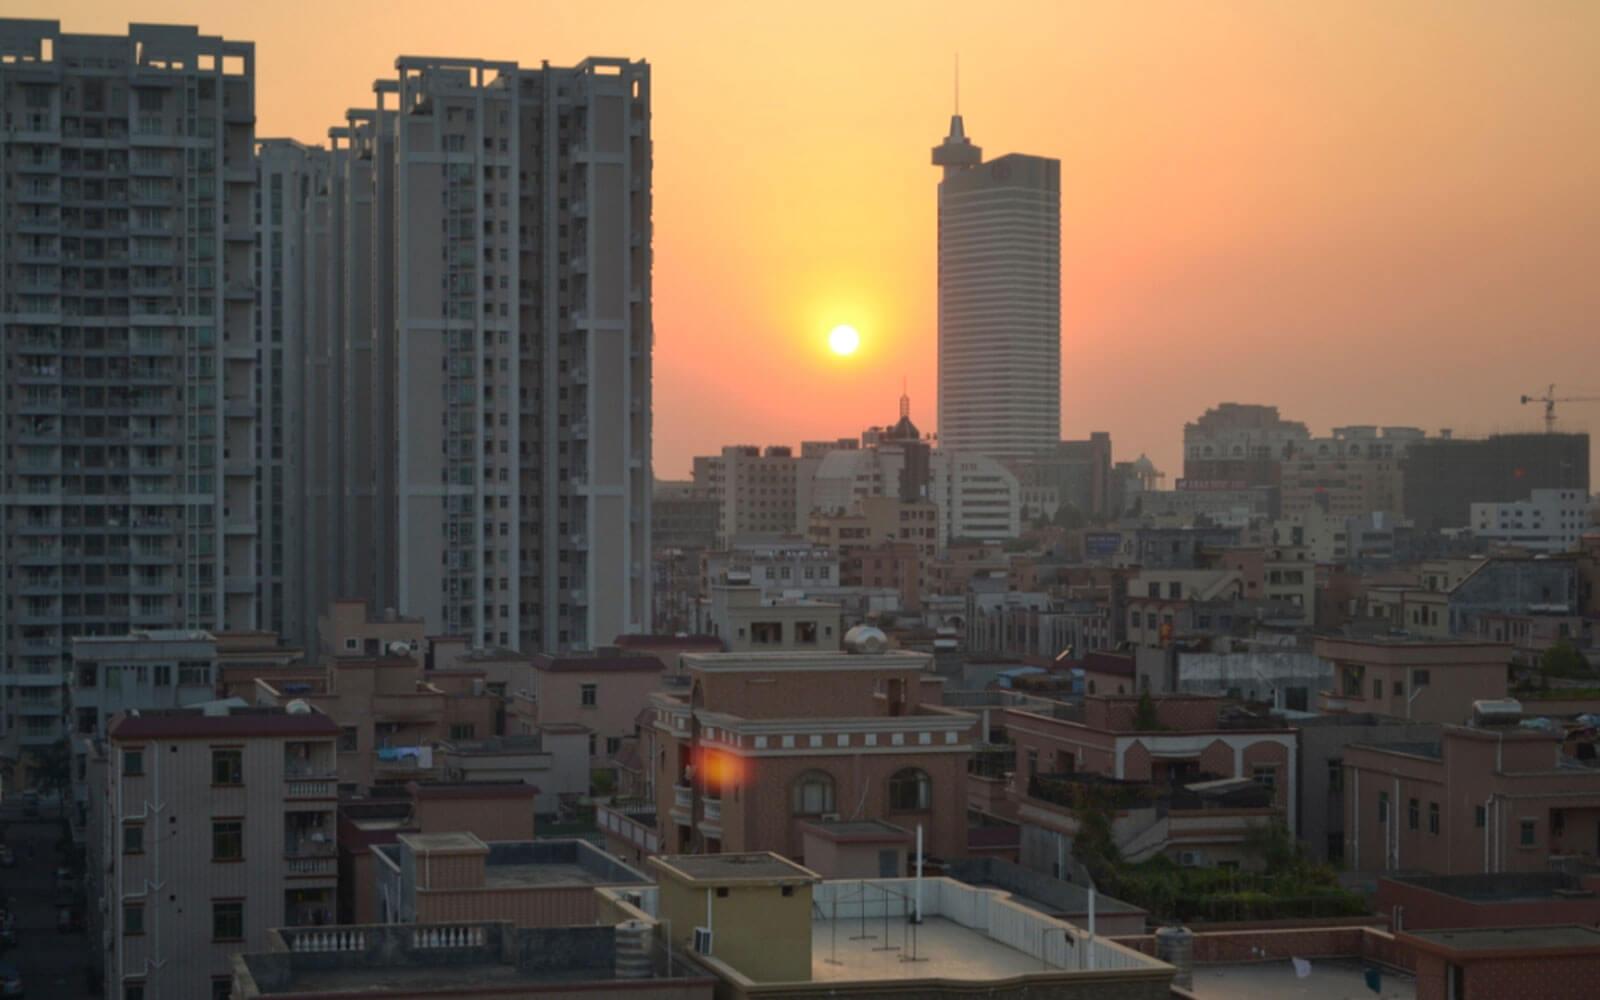 Sonnenuntergang vor der Skyline Dongguans